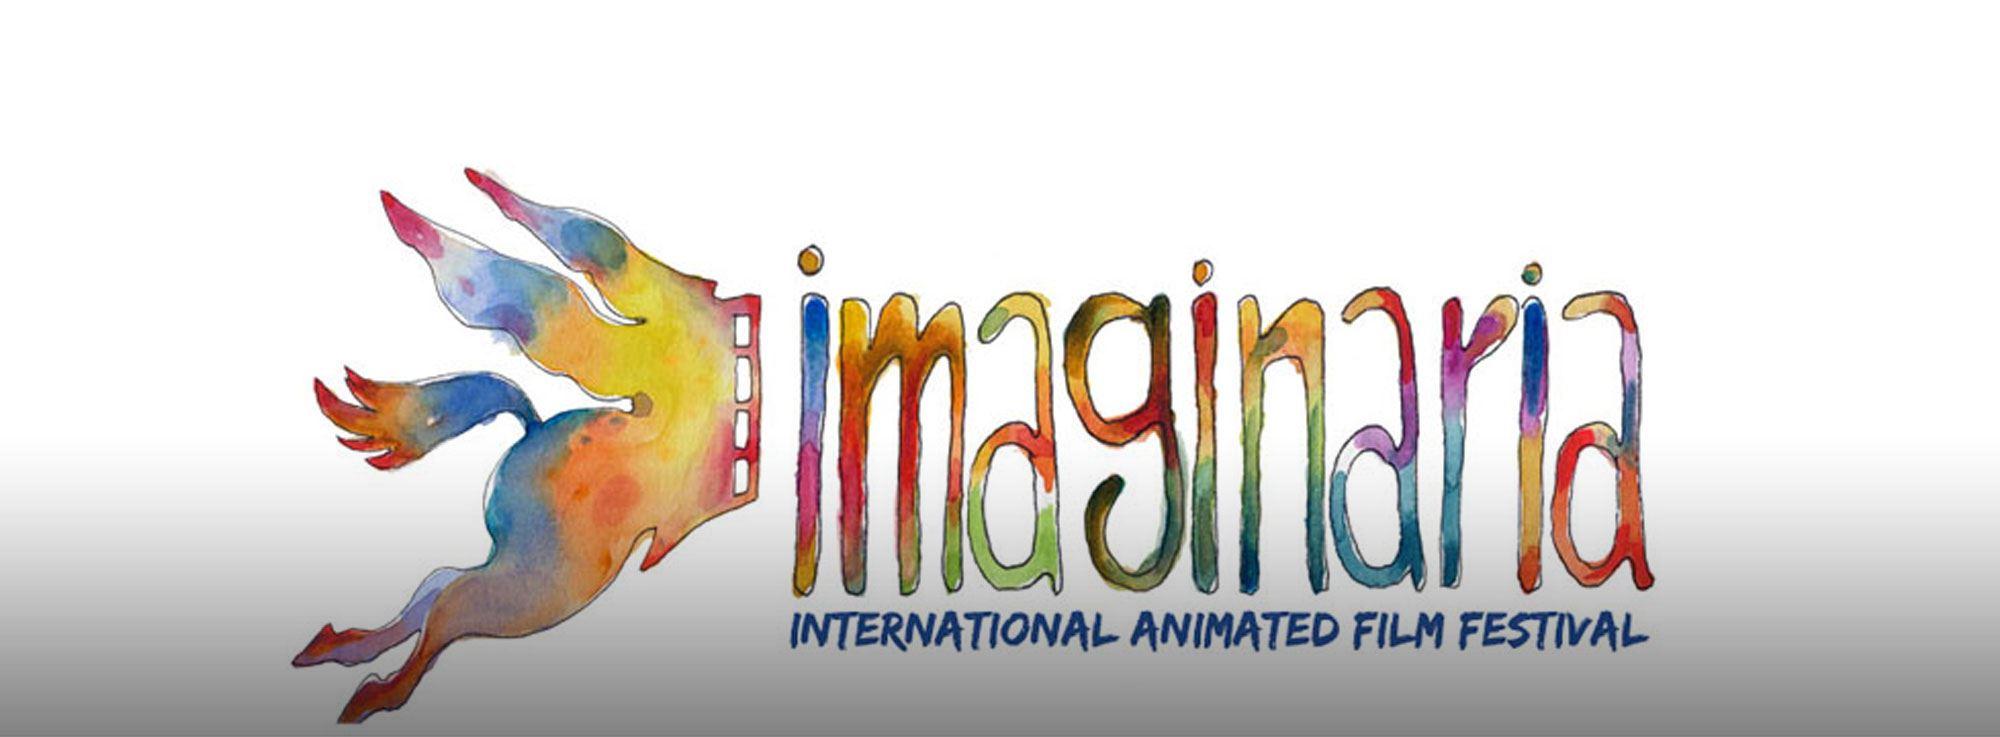 Conversano : Imaginaria Festival Internazionale del Cinema d'animazione